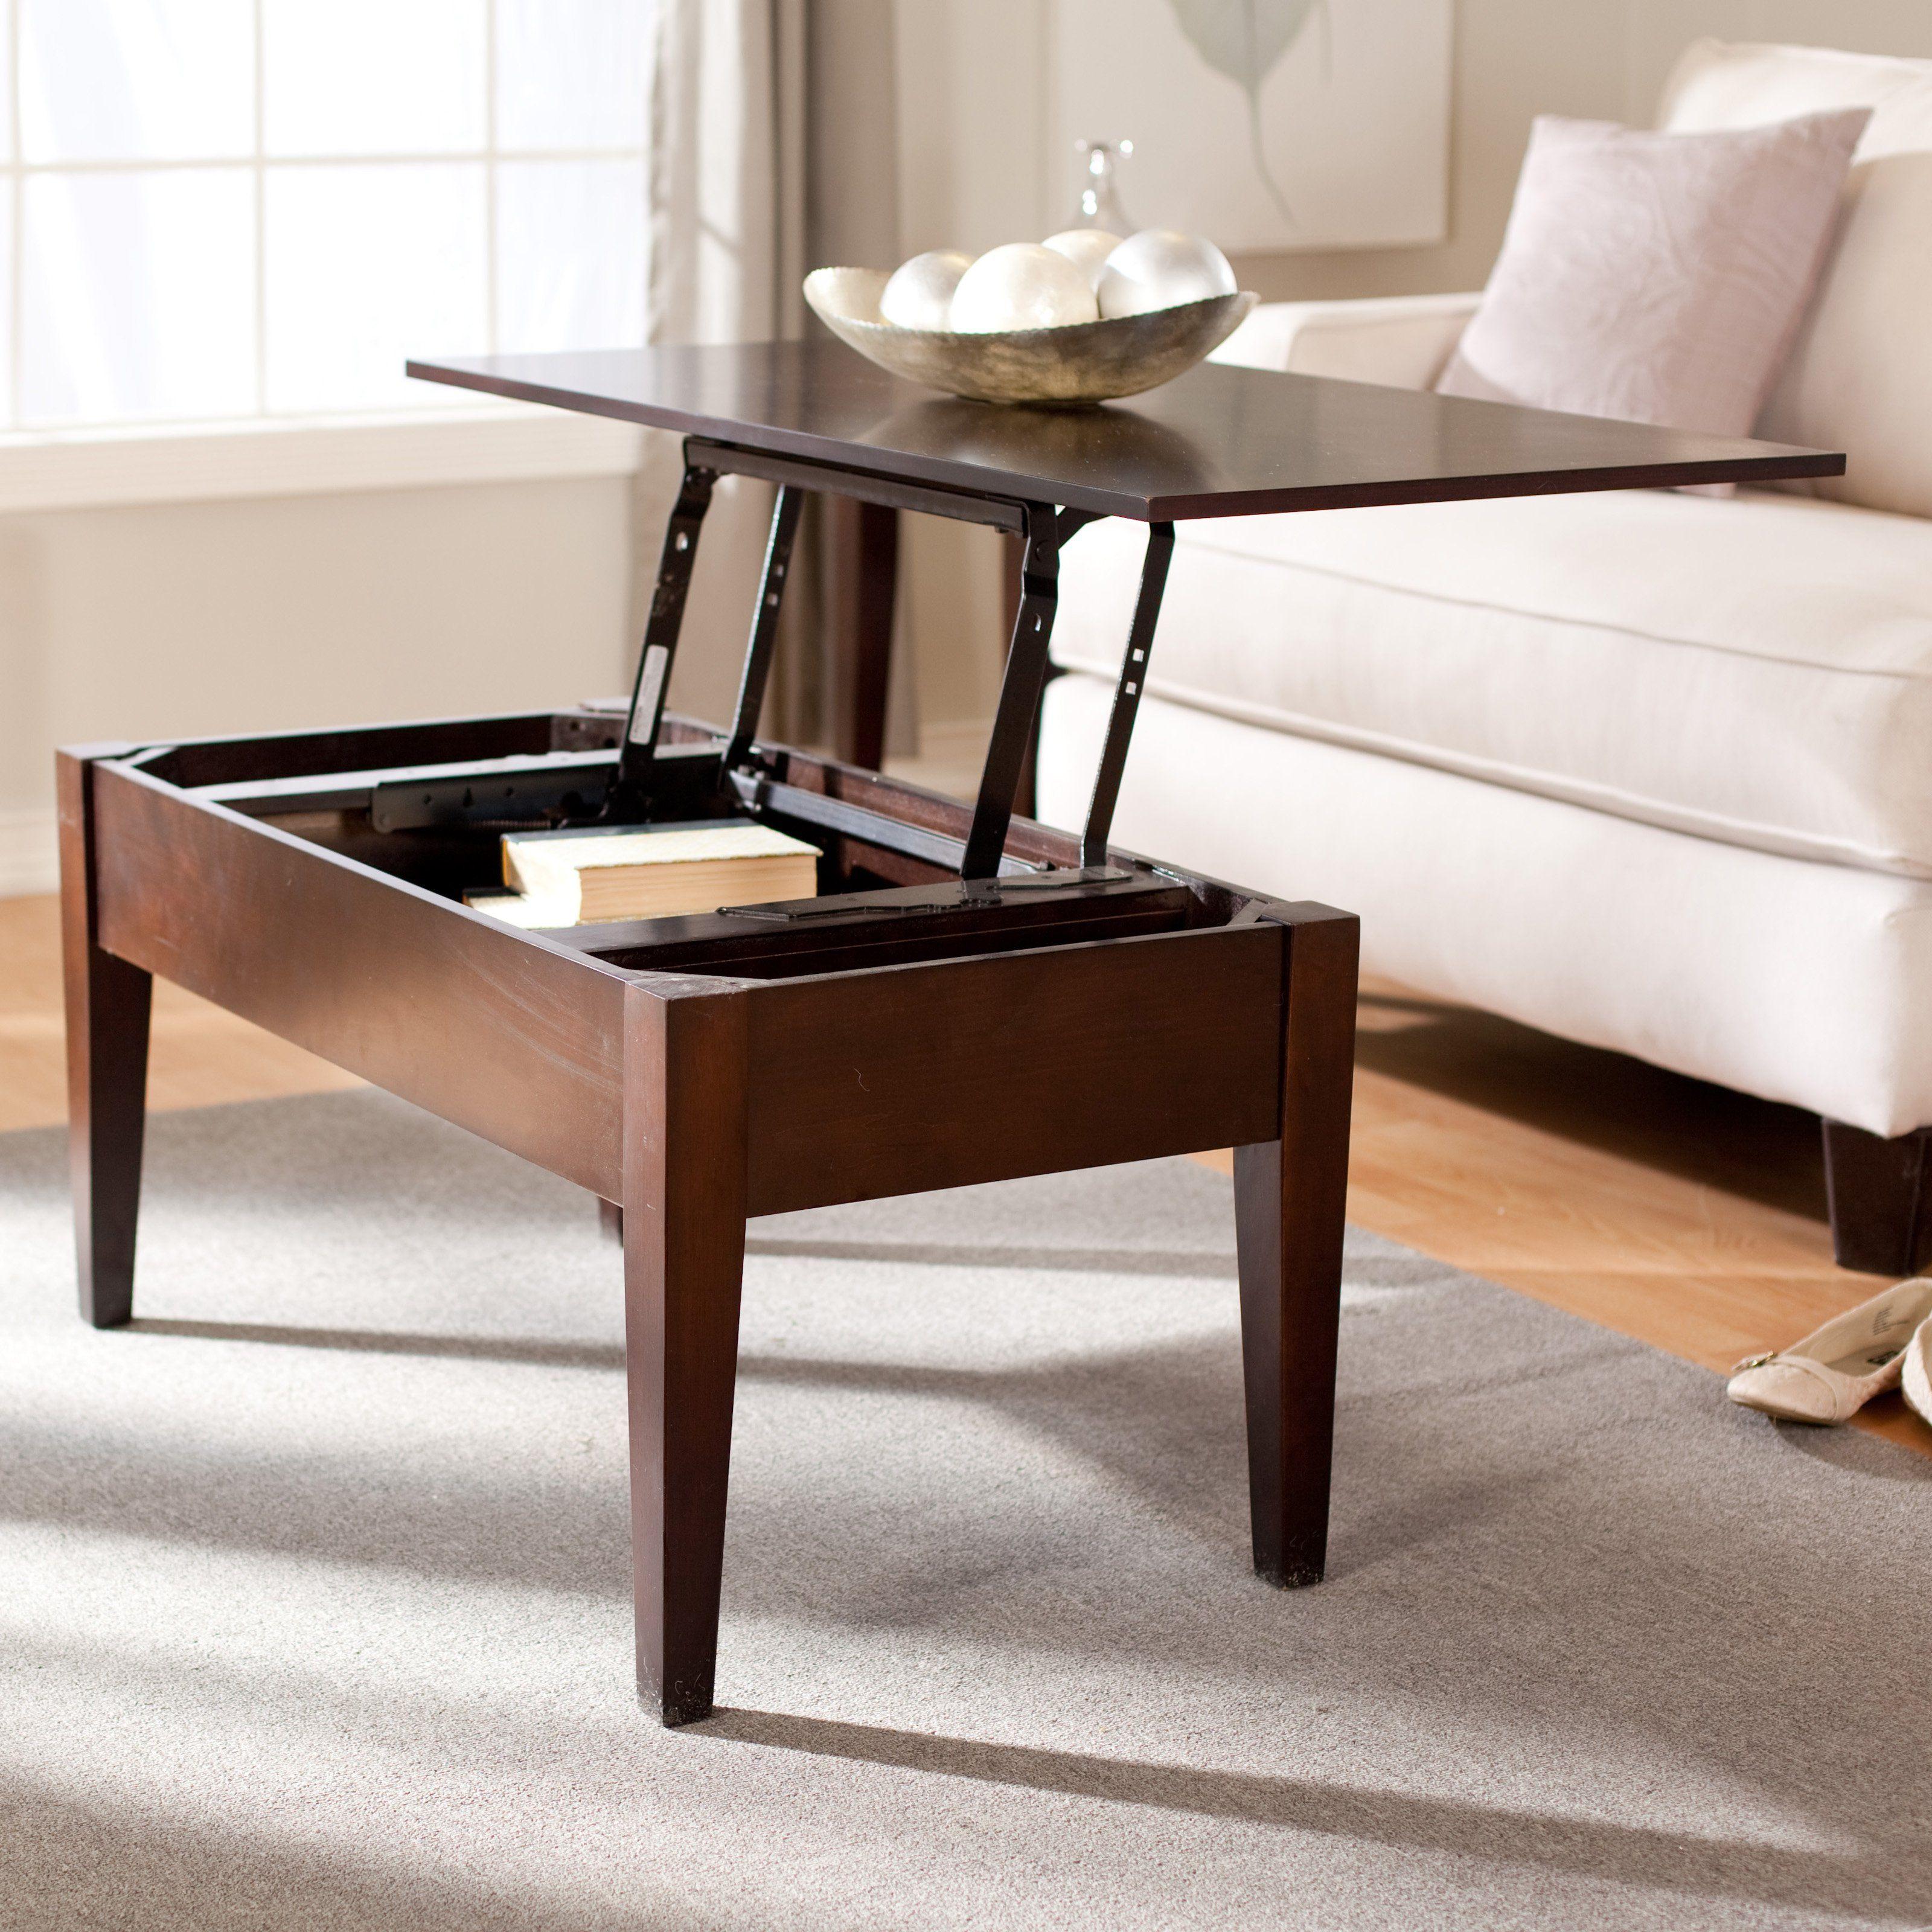 Turner Lift Top Coffee Table Espresso Www Hayneedle Com Wohnzimmertische Coole Couchtische Couchtisch Schwarz [ 3200 x 3200 Pixel ]